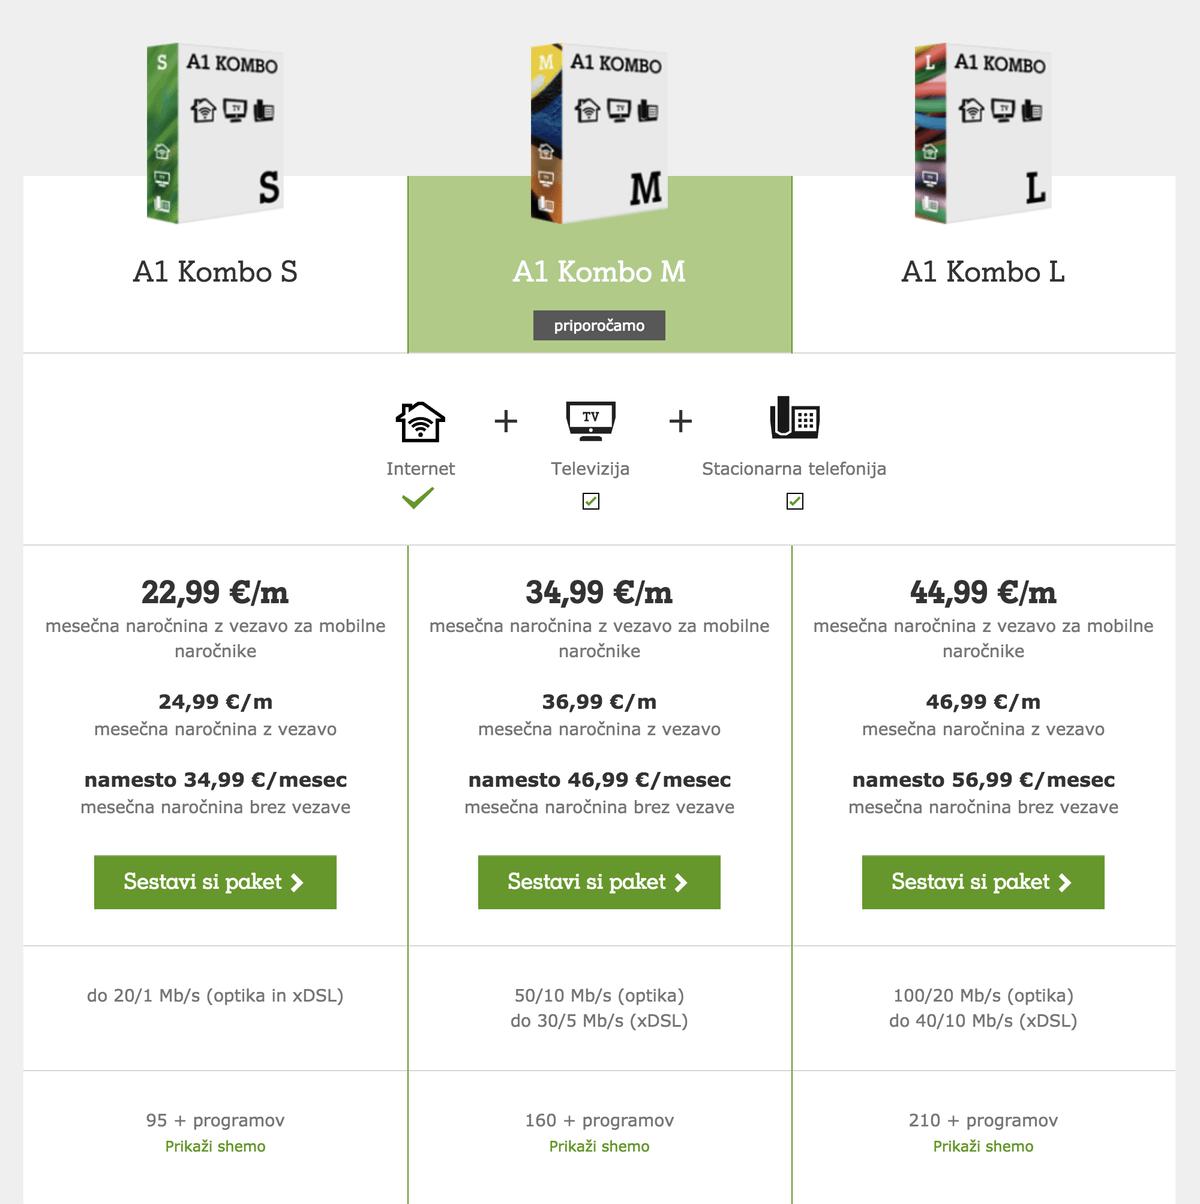 Тарифы оператора A1 на пакеты интернет + ТВ + стационарный телефон. Цены на июль 2018года